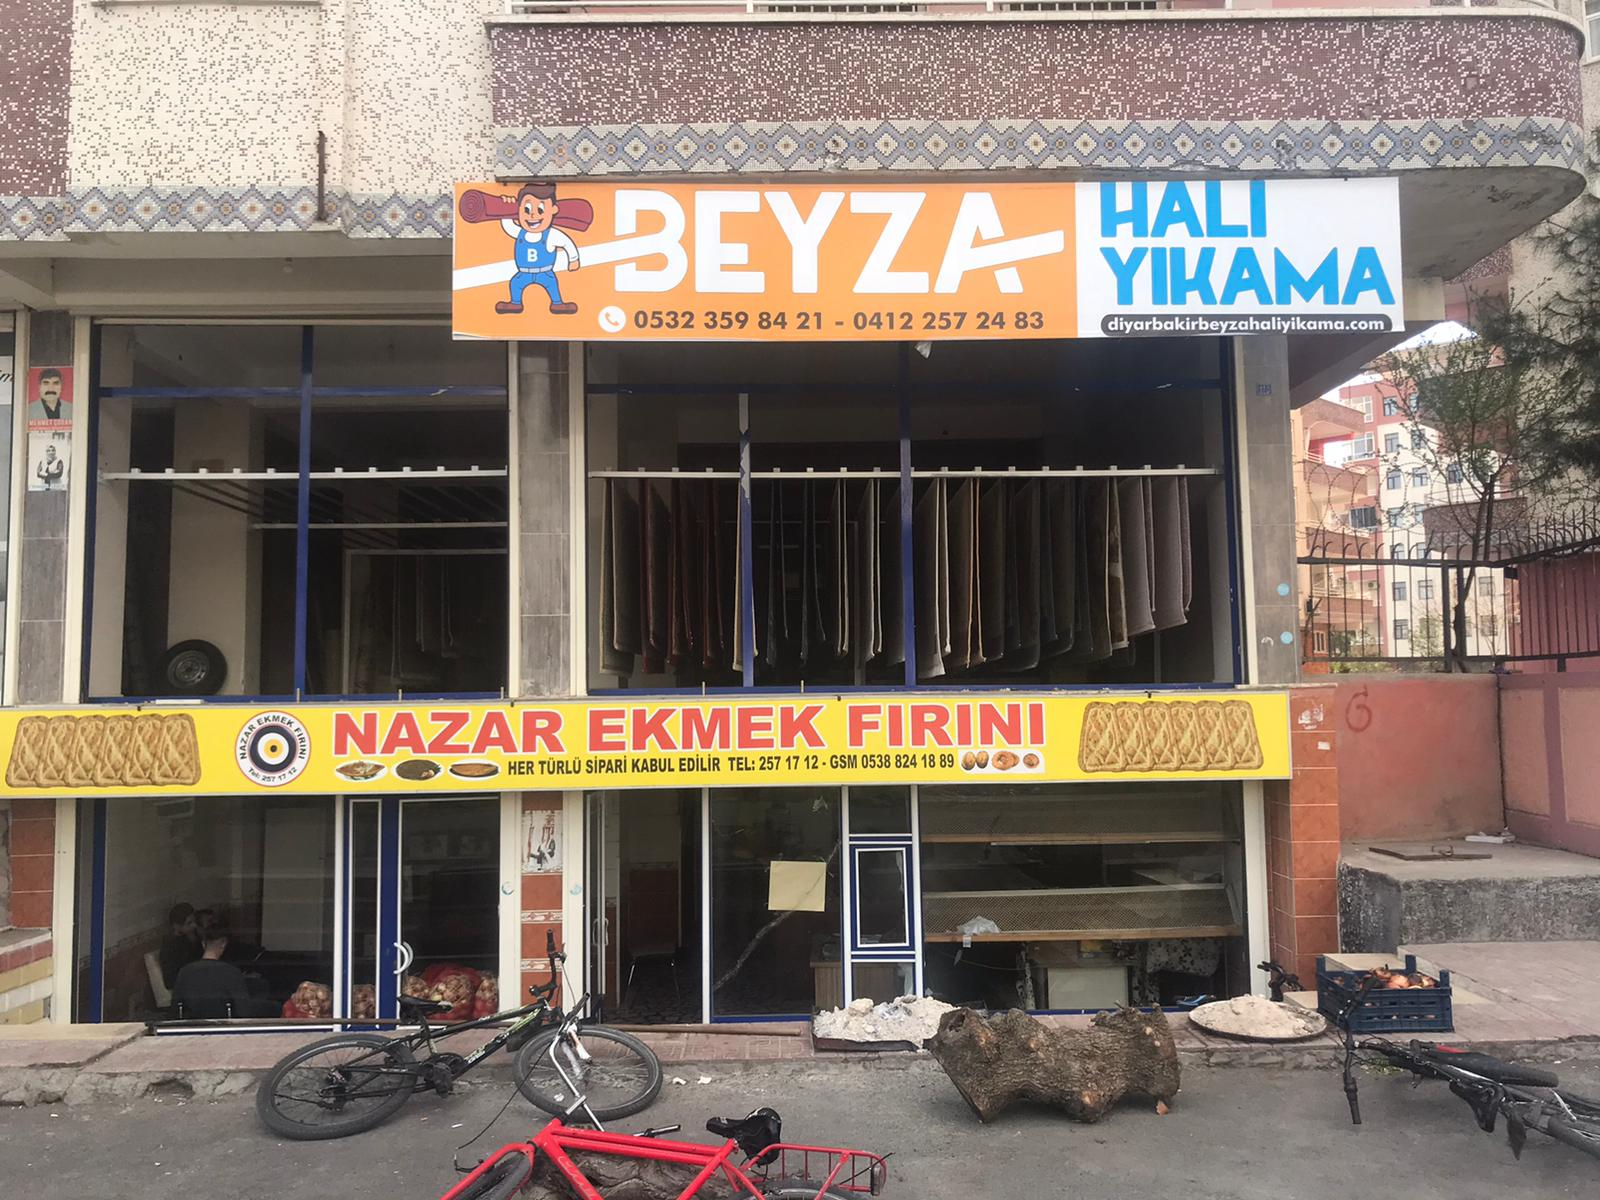 Beyza Diyarbakır Halı Yıkama